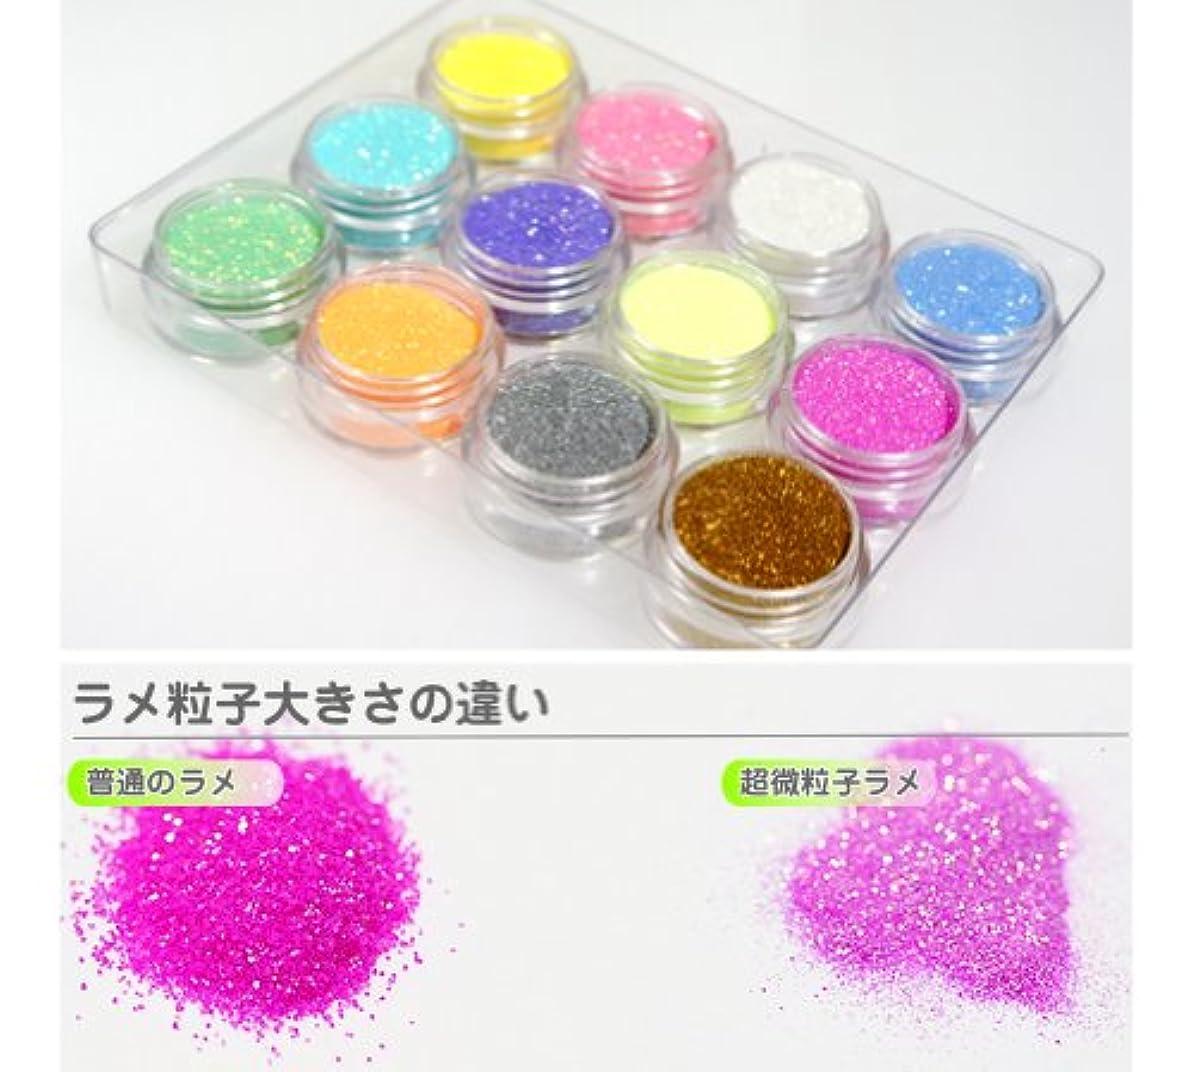 おっと急いで全能ネオコレクションオリジナル☆超微粒子ラメパウダー0.1mm、砂のようにサラサラで抜群の発色 ジェルネイルアートに!